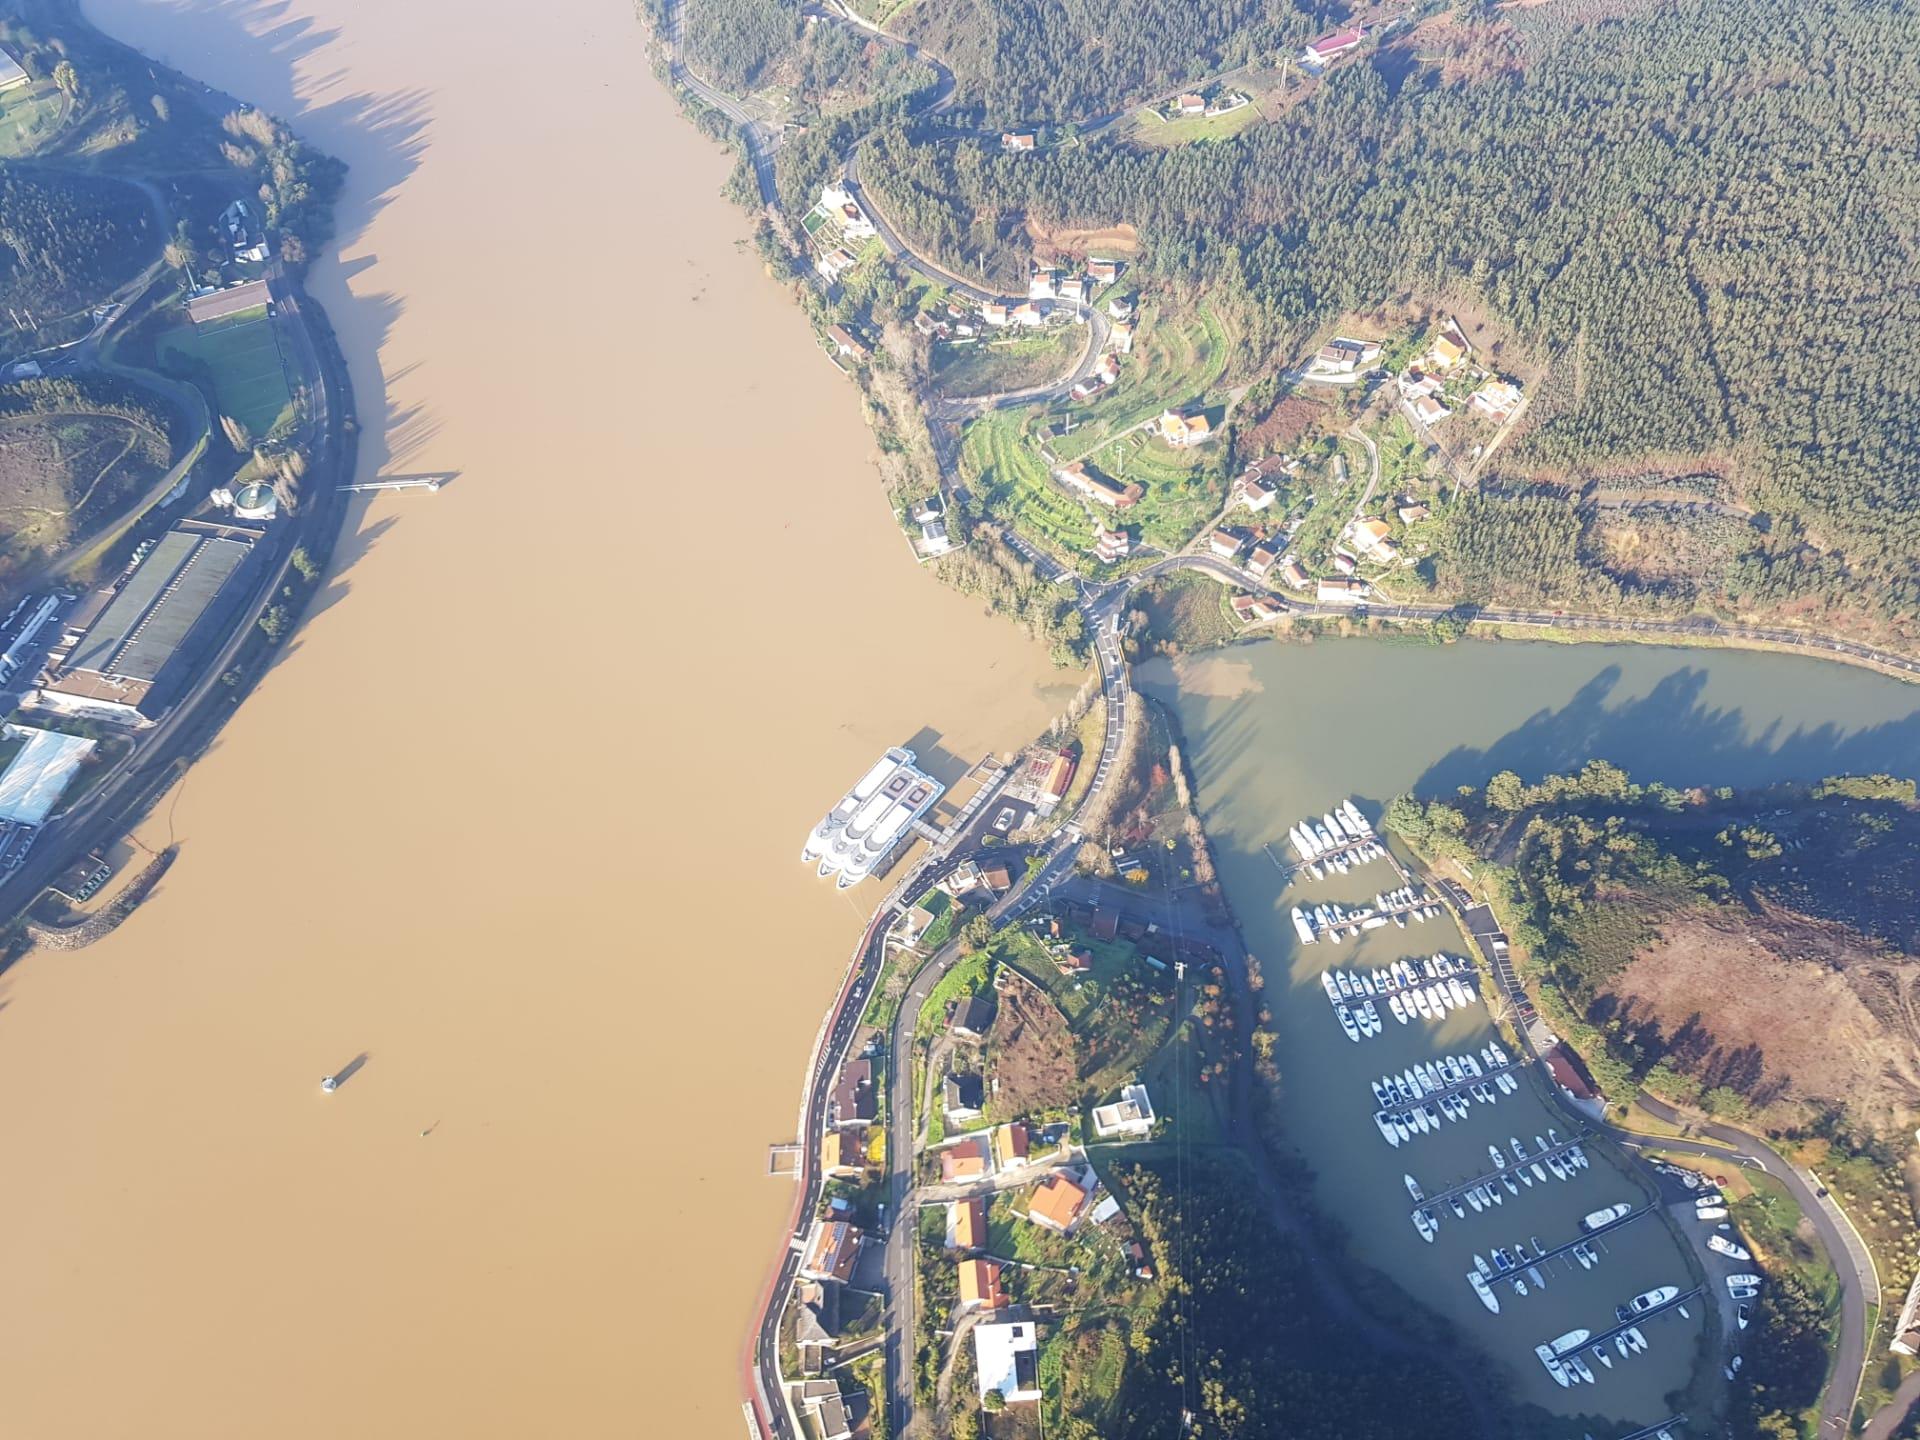 LM-Arquivo-Douro-Paiva-Foto-Aerea-ETA-Lever-053